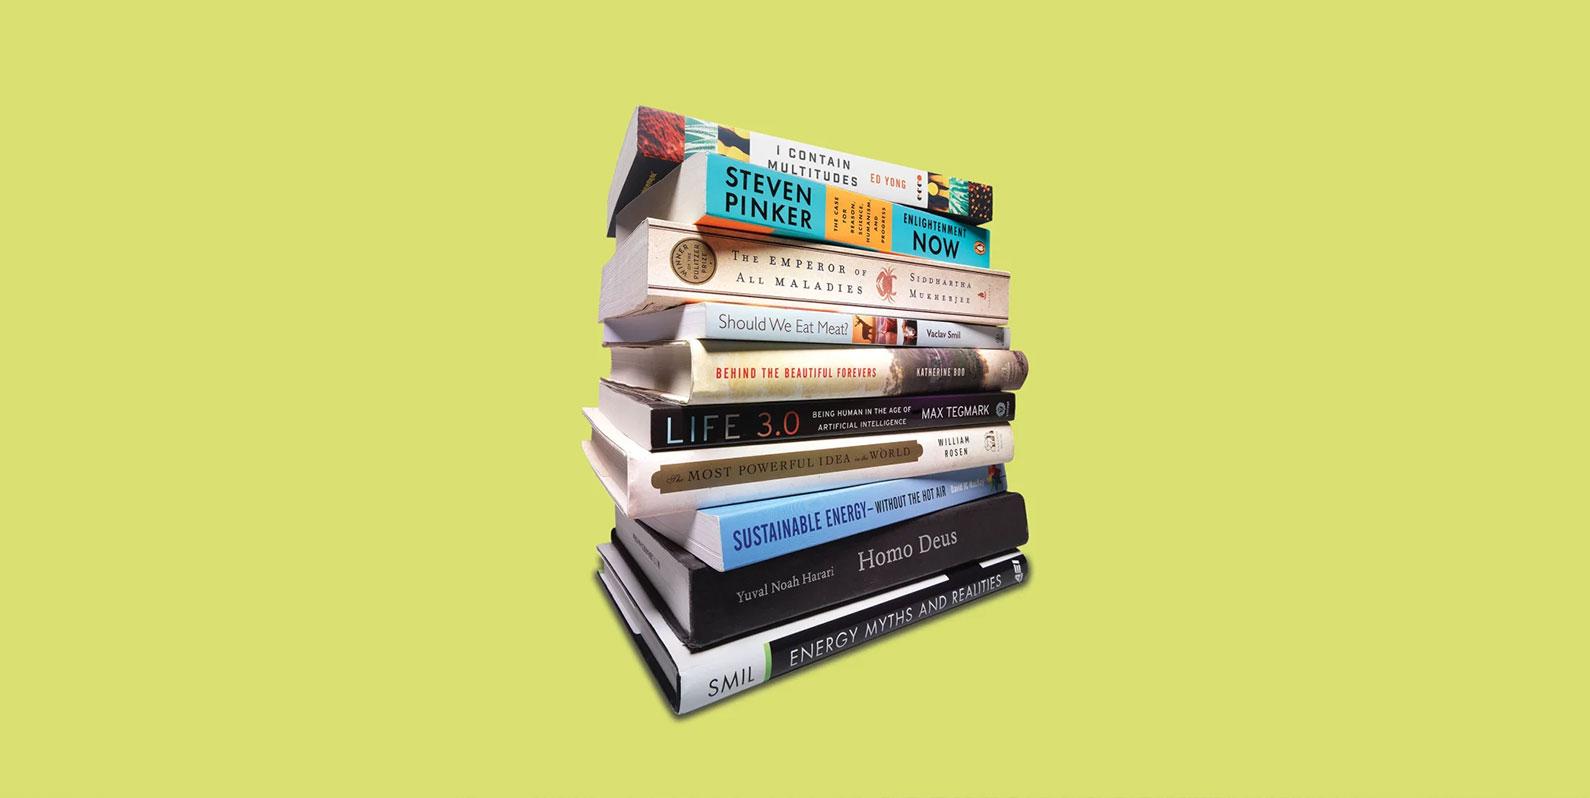 10 dos livros favoritos de Bill Gates sobre tecnologia